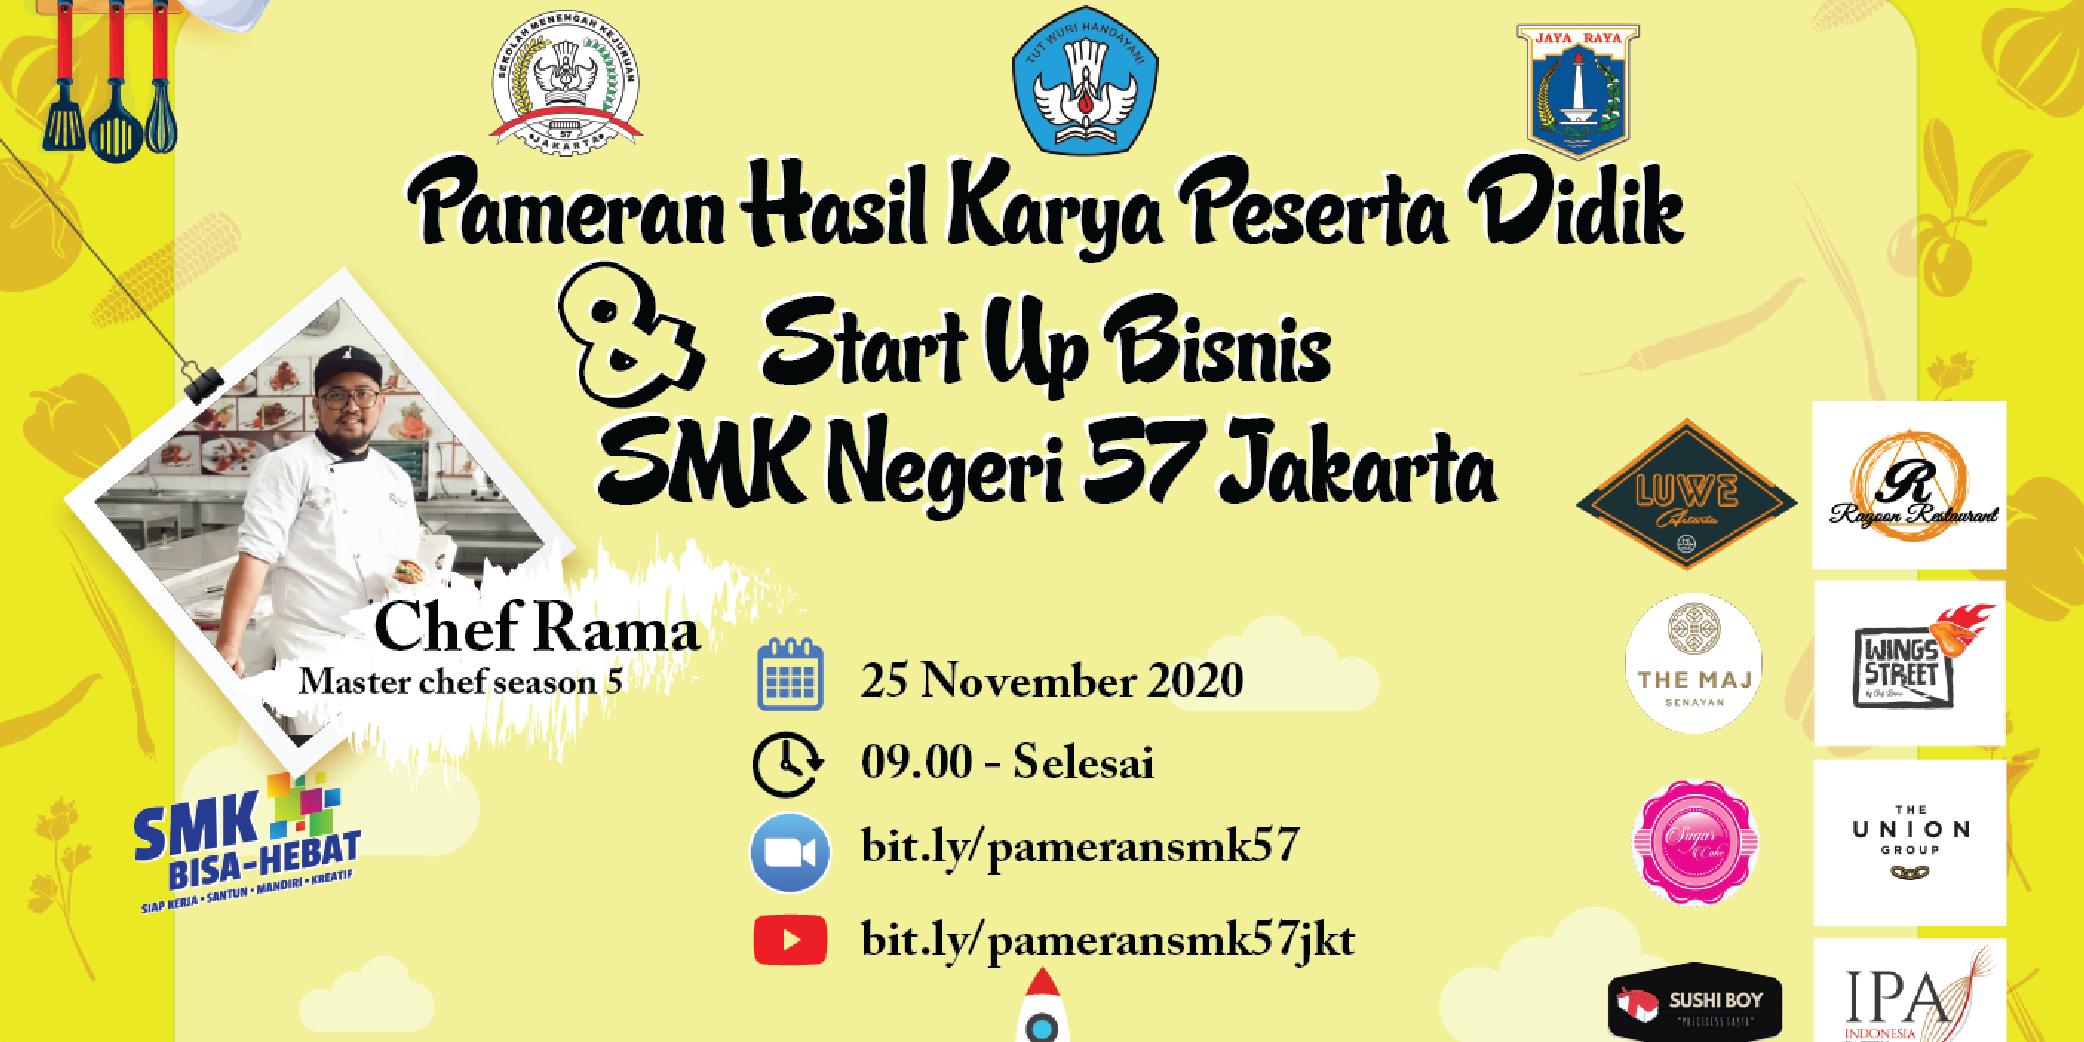 pameran-hasil-karya-peserta-didik-dan-start-up-bisnis-2020